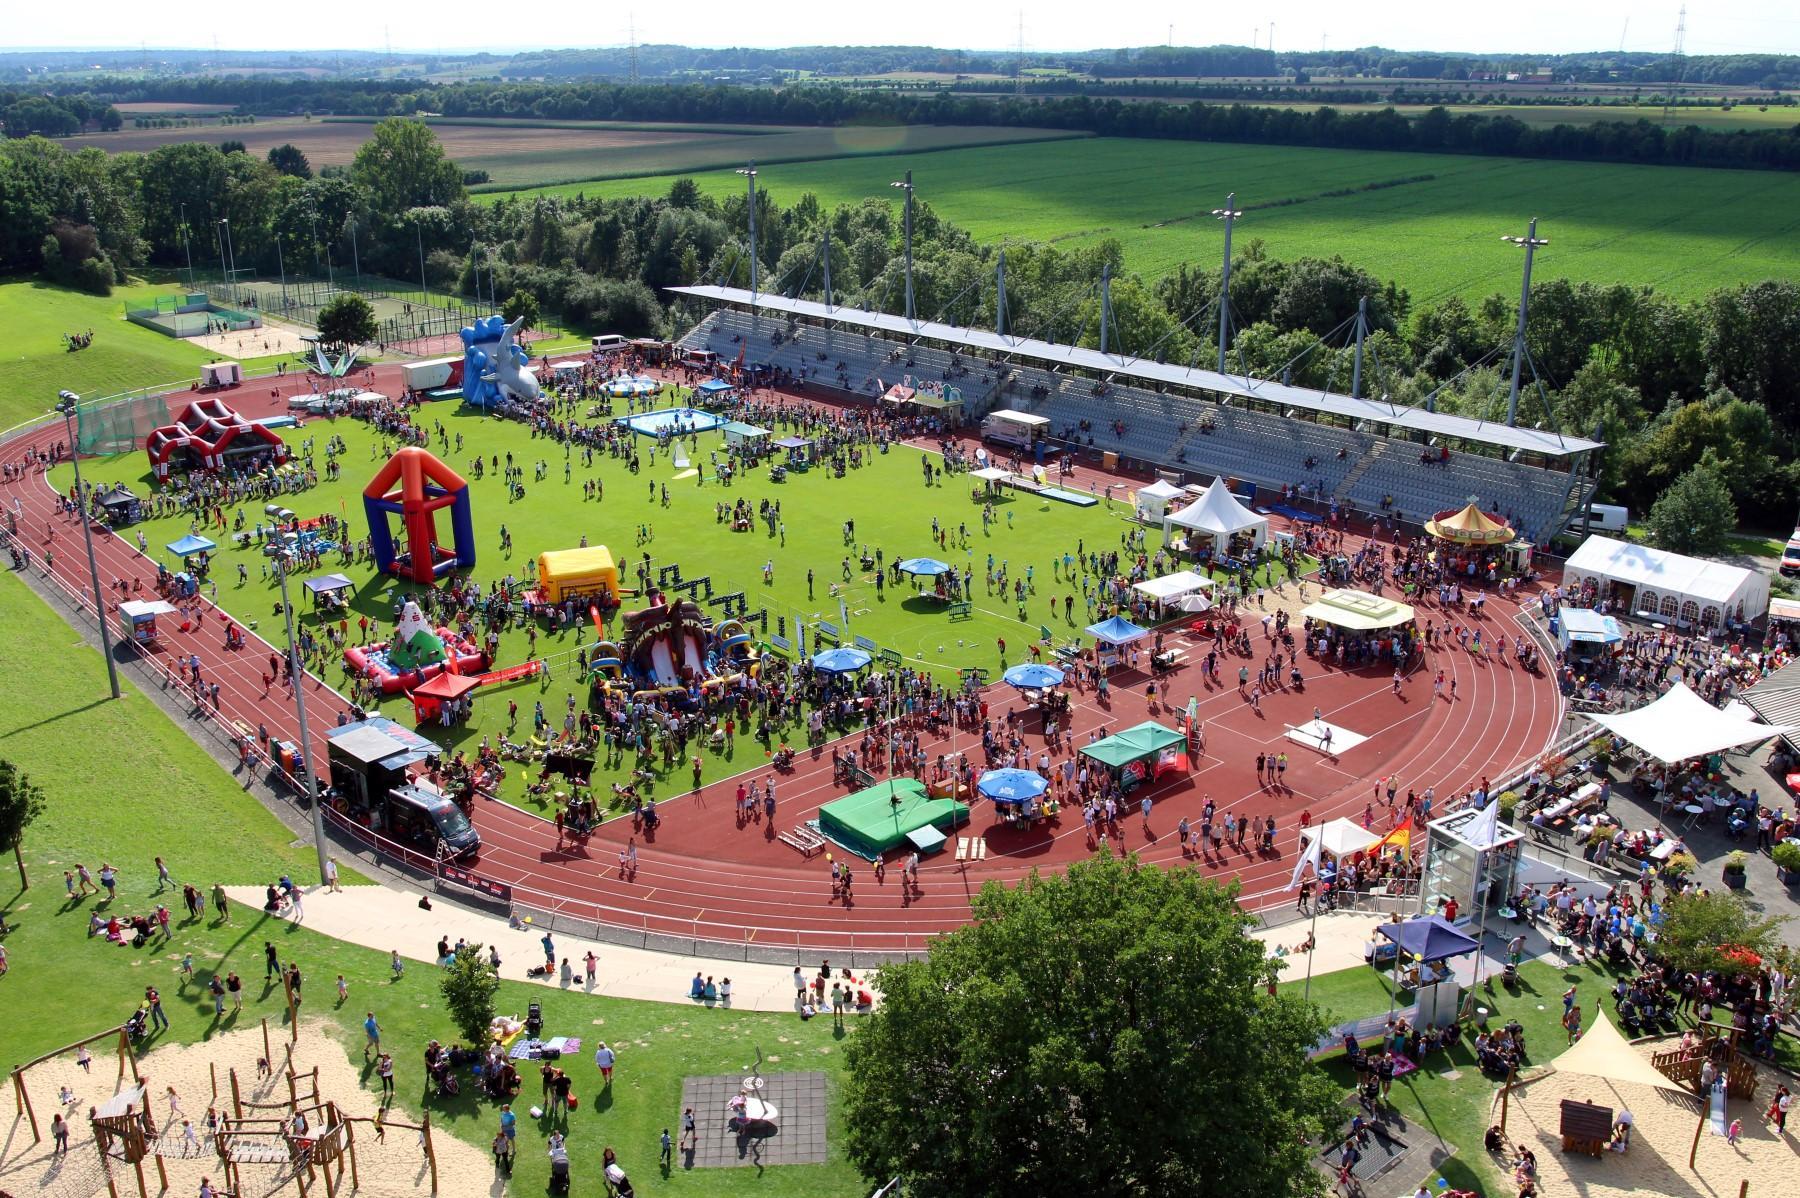 Radio Hochstift Ferienfinale beim Ahorn Sport Park